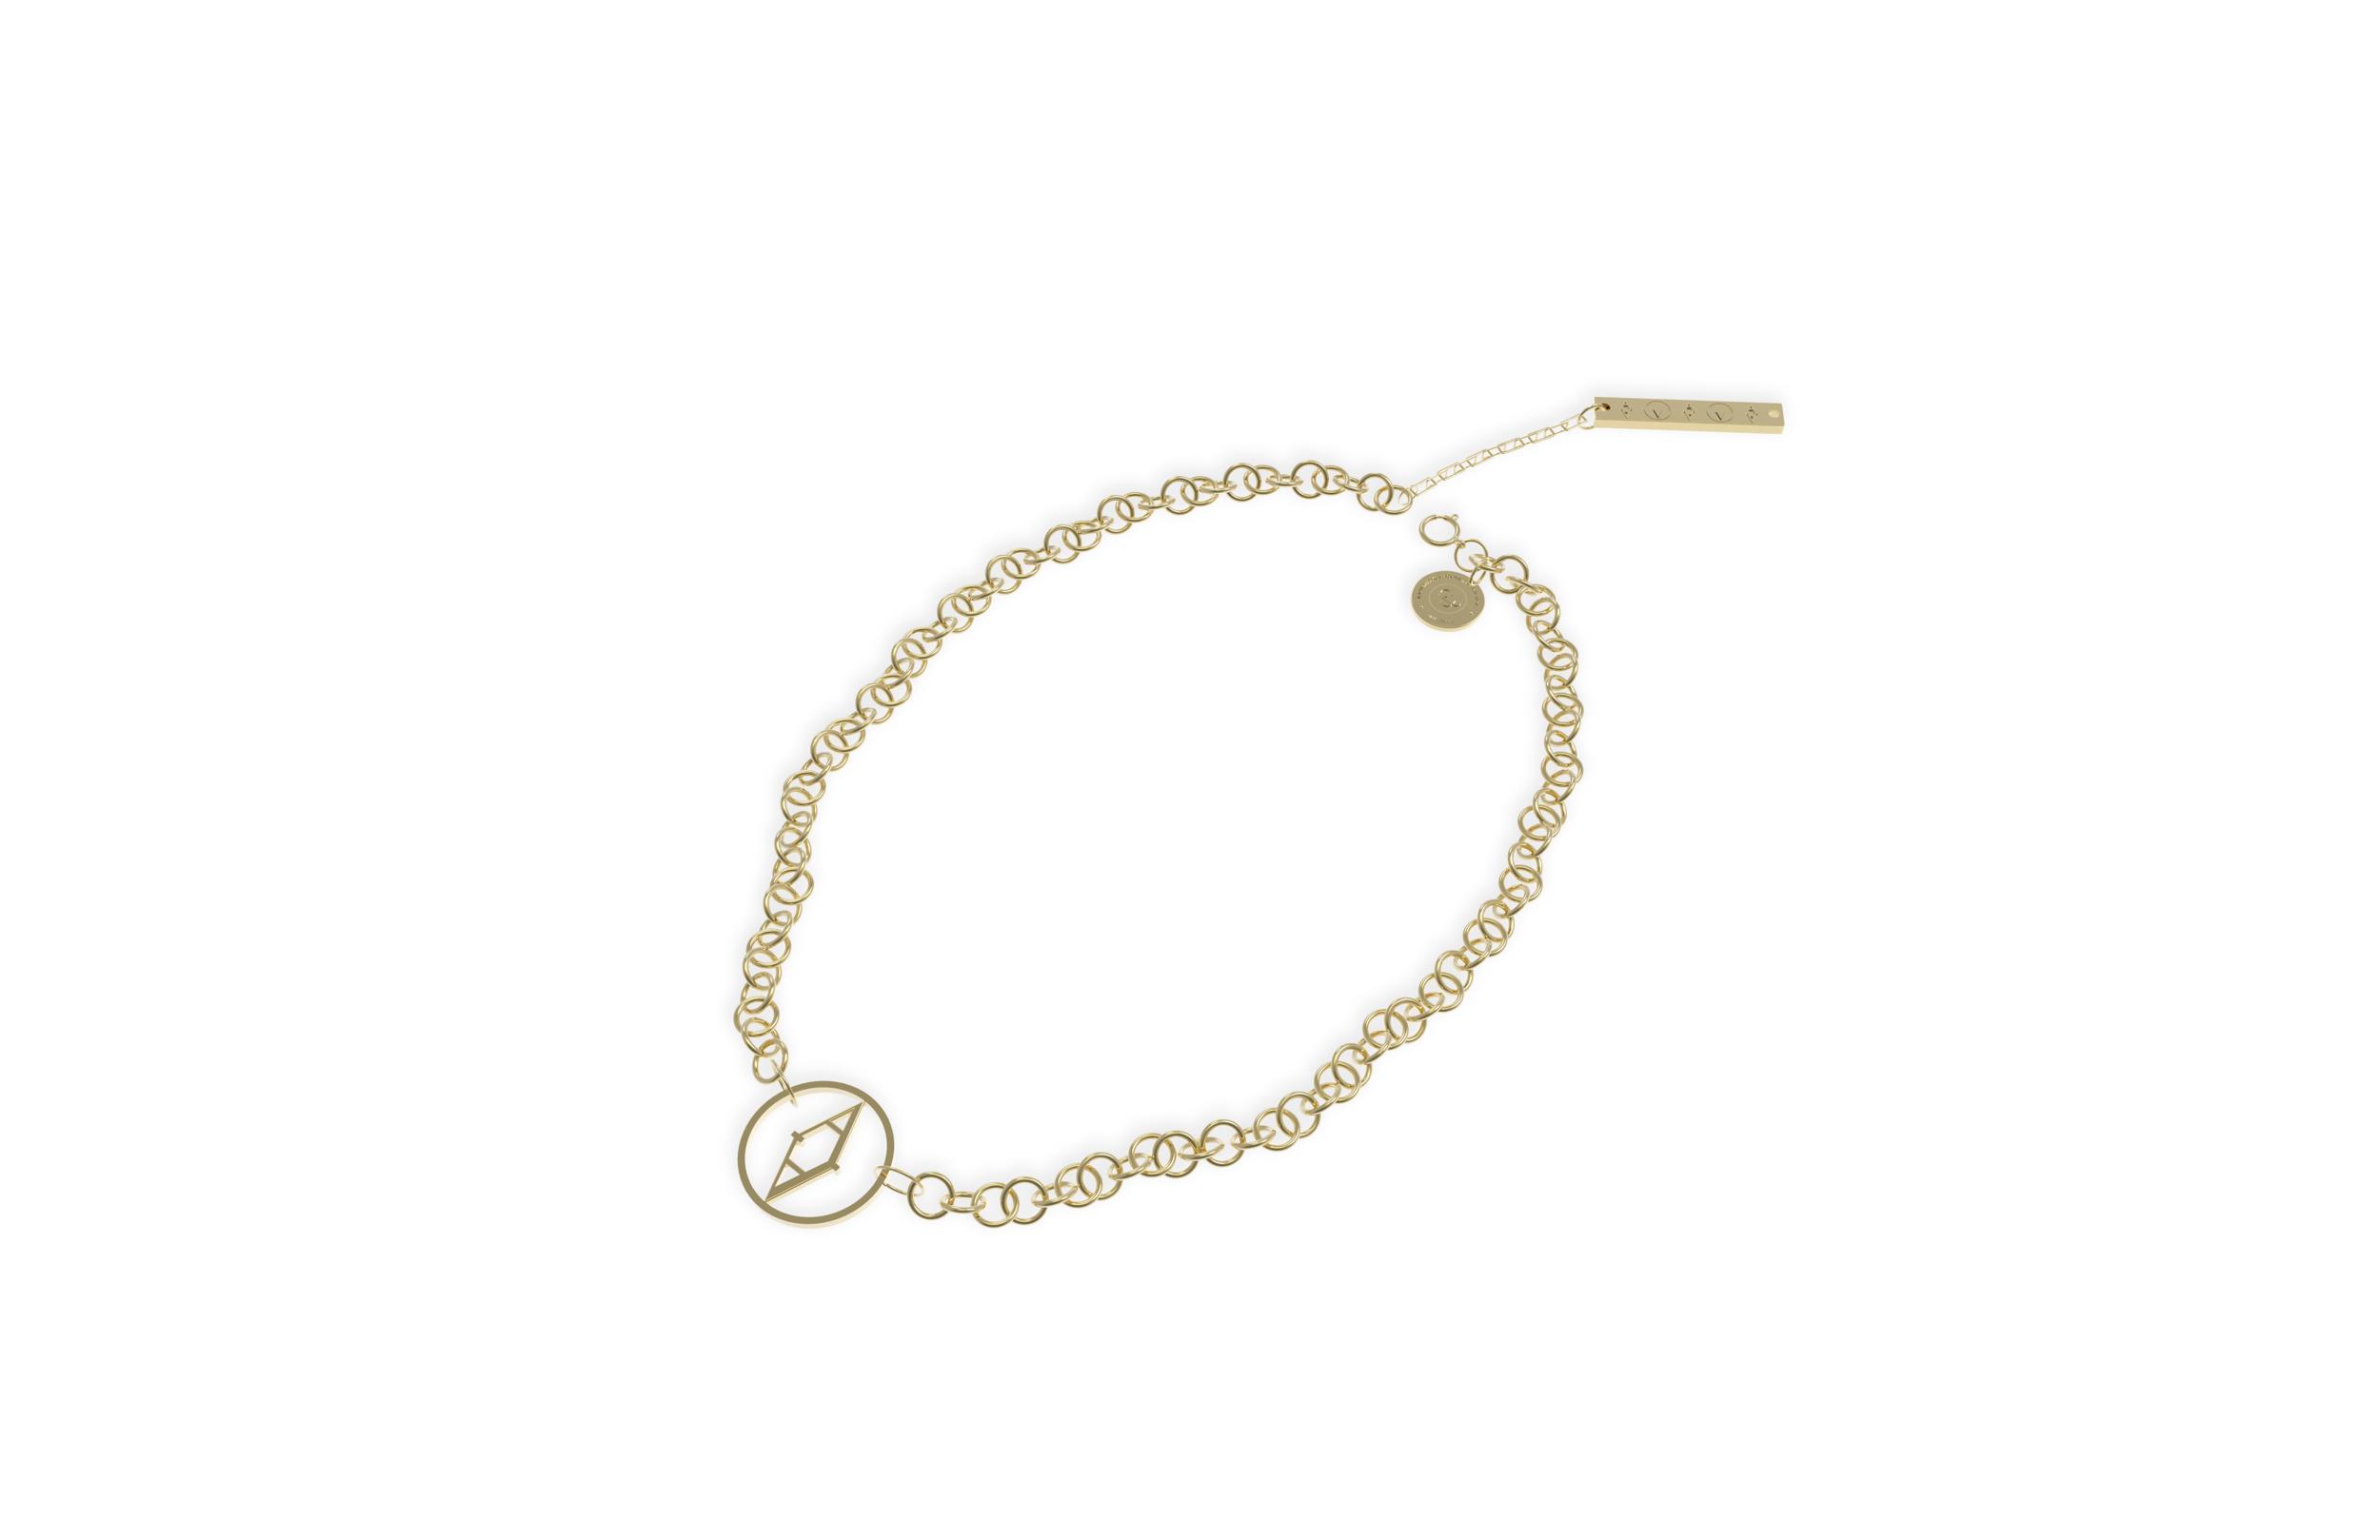 Andfersand Necklace | 项链设计